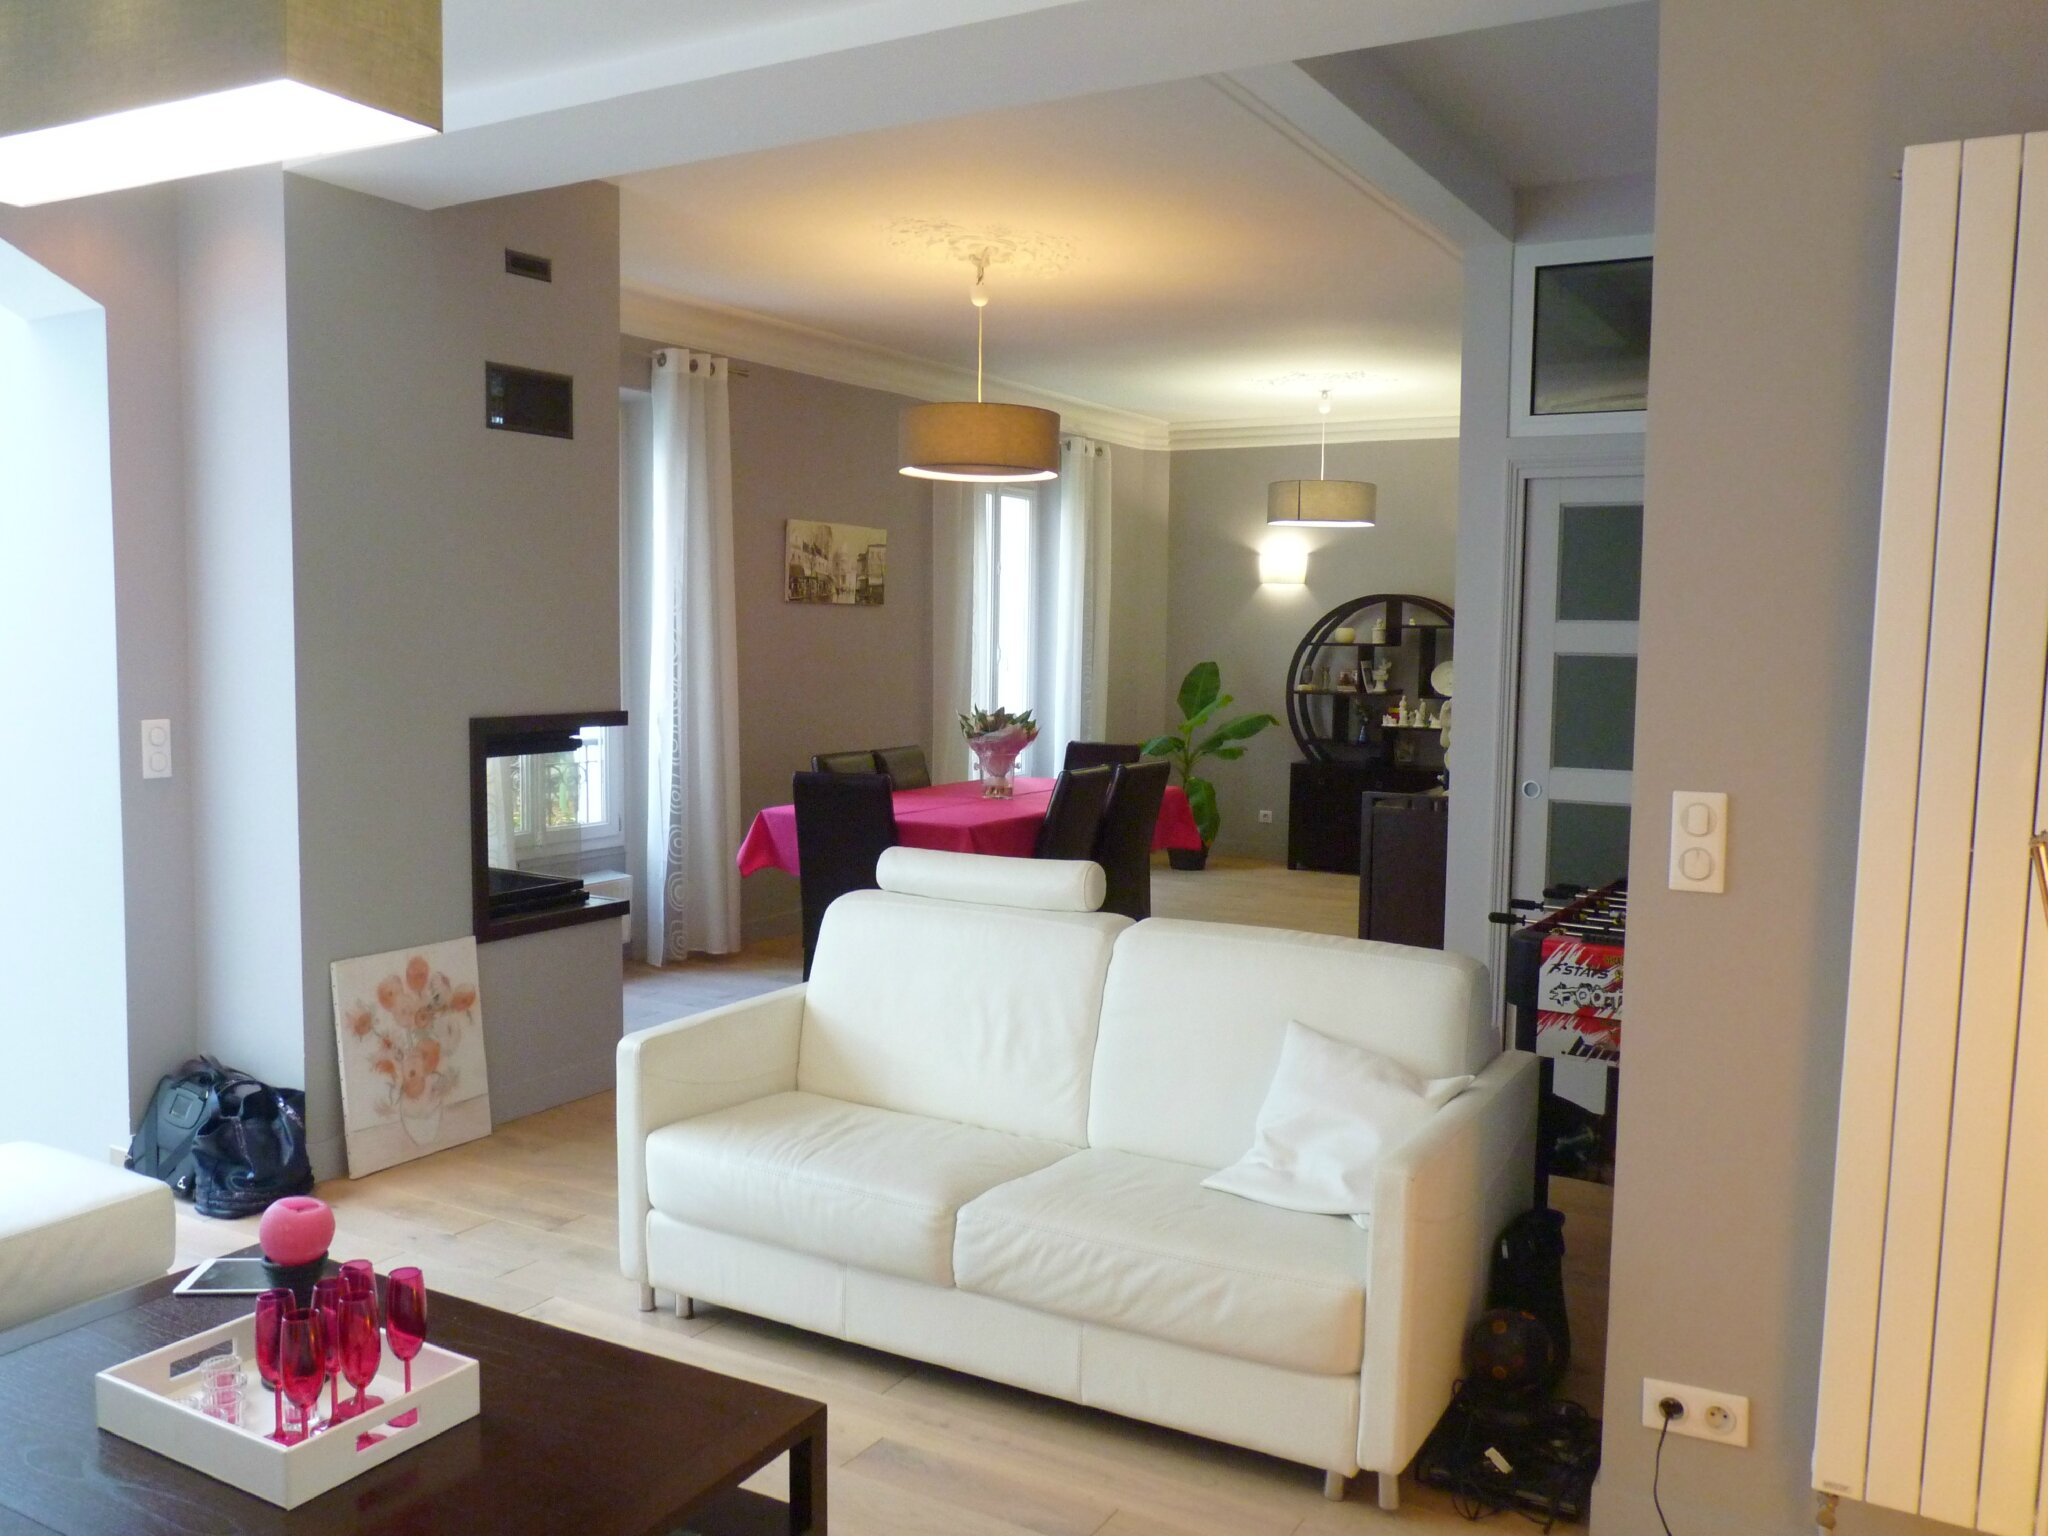 salon partie de l 39 extension photo de extension maison 92 am lie pell architecte d. Black Bedroom Furniture Sets. Home Design Ideas